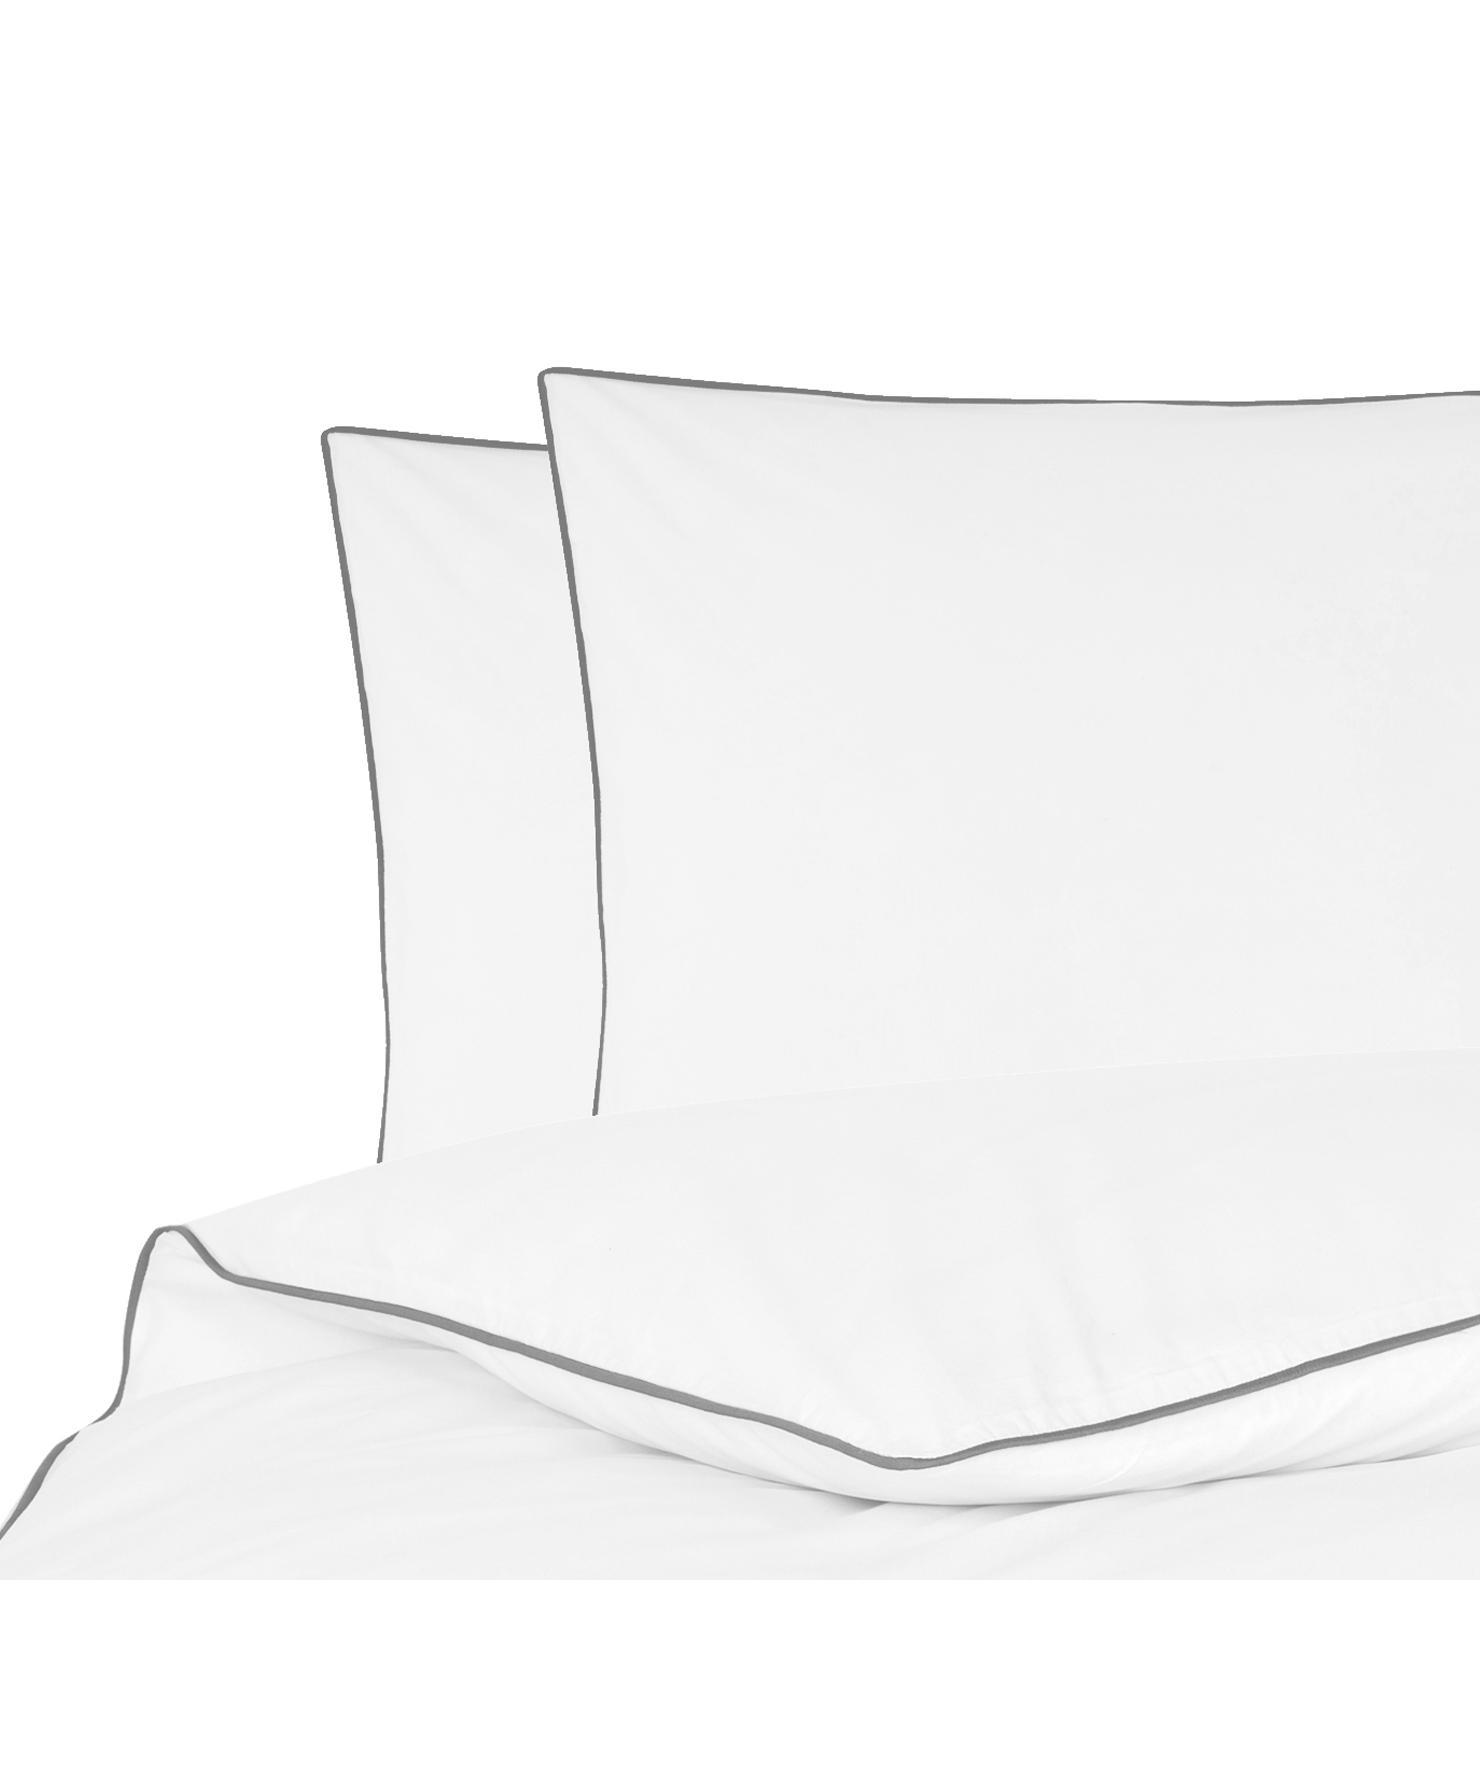 Pościel z perkalu z lamówką Daria, Biały Wykończenie brzegów: ciemny szary, 200 x 200 cm